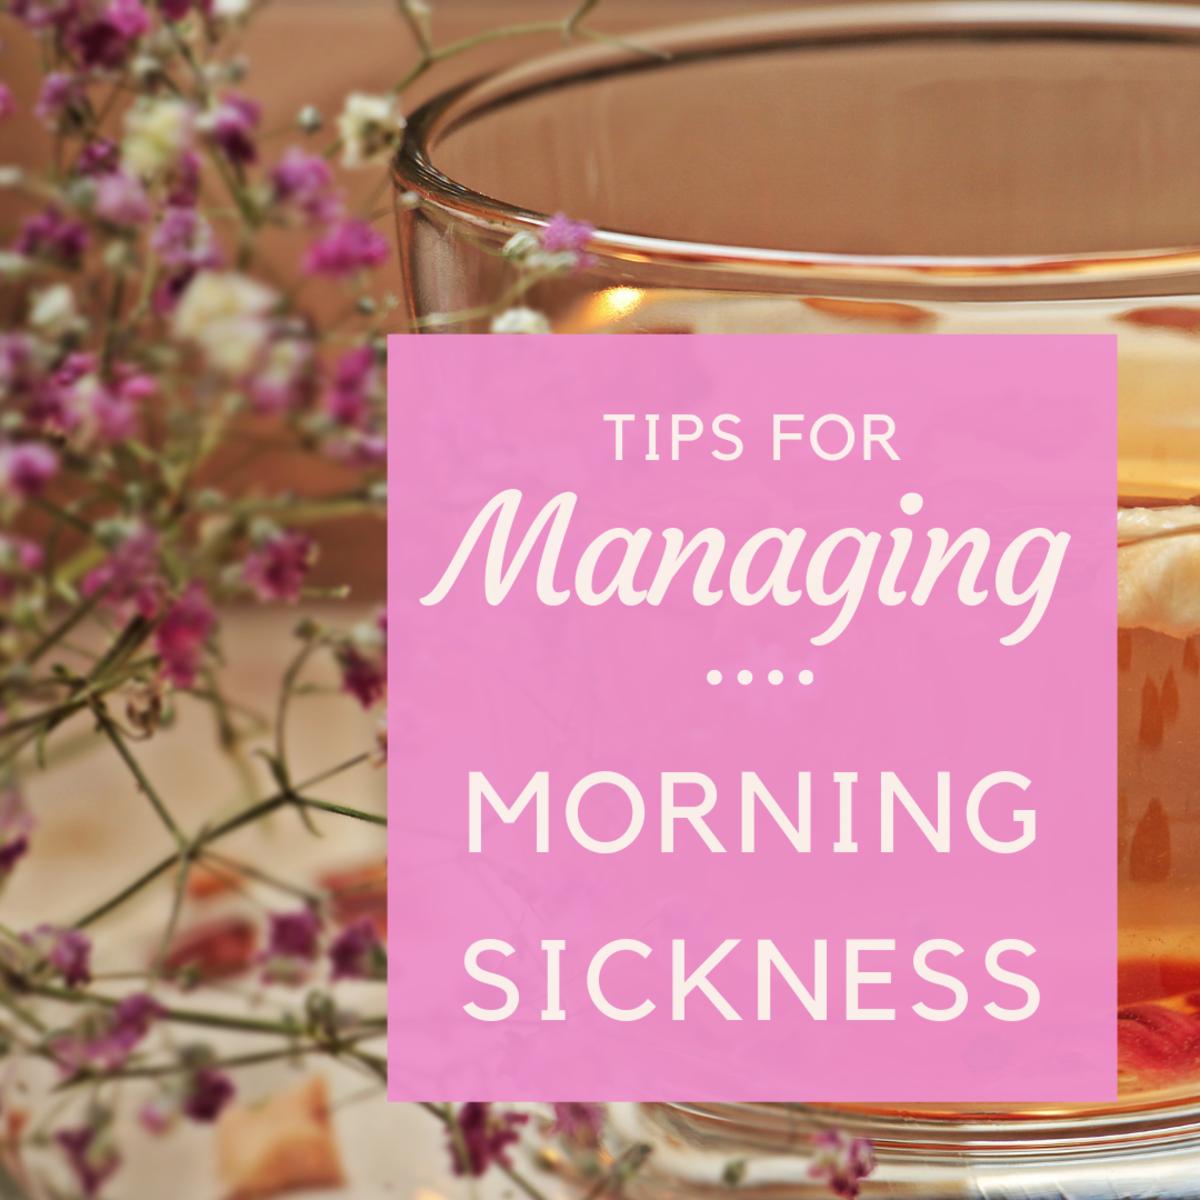 Natural Ways to Combat Morning Sickness